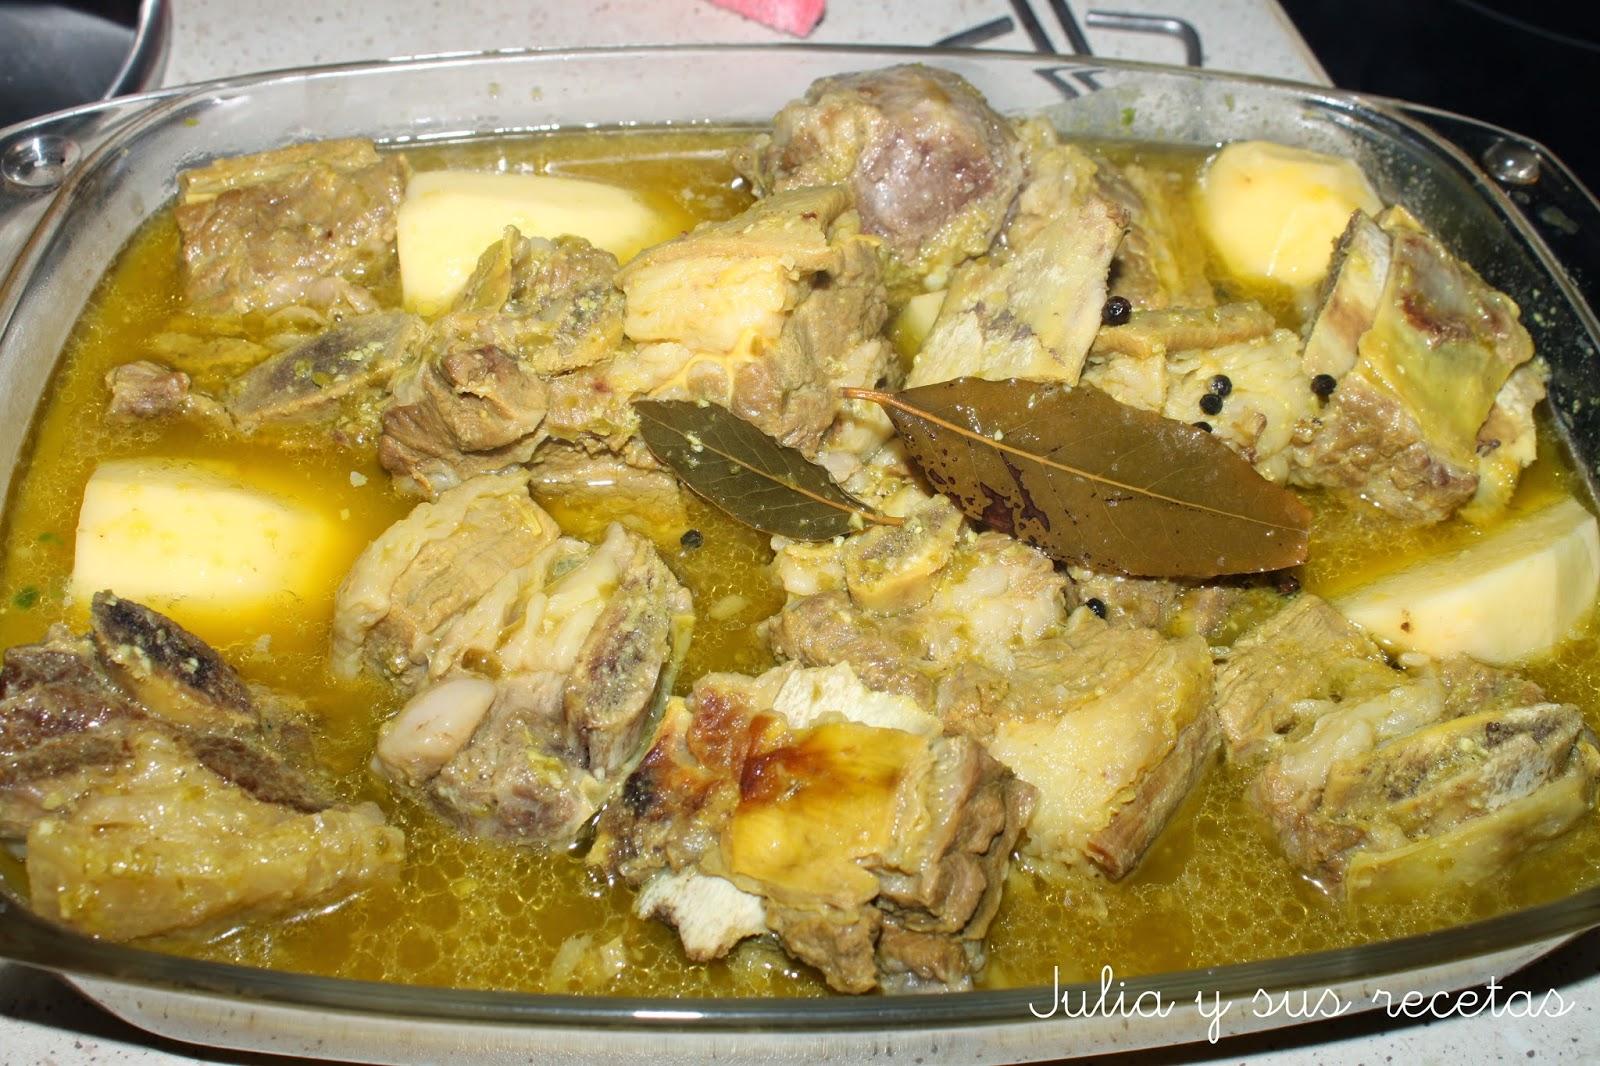 Julia y sus recetas falda de ternera al horno for Cocinar solomillo ternera